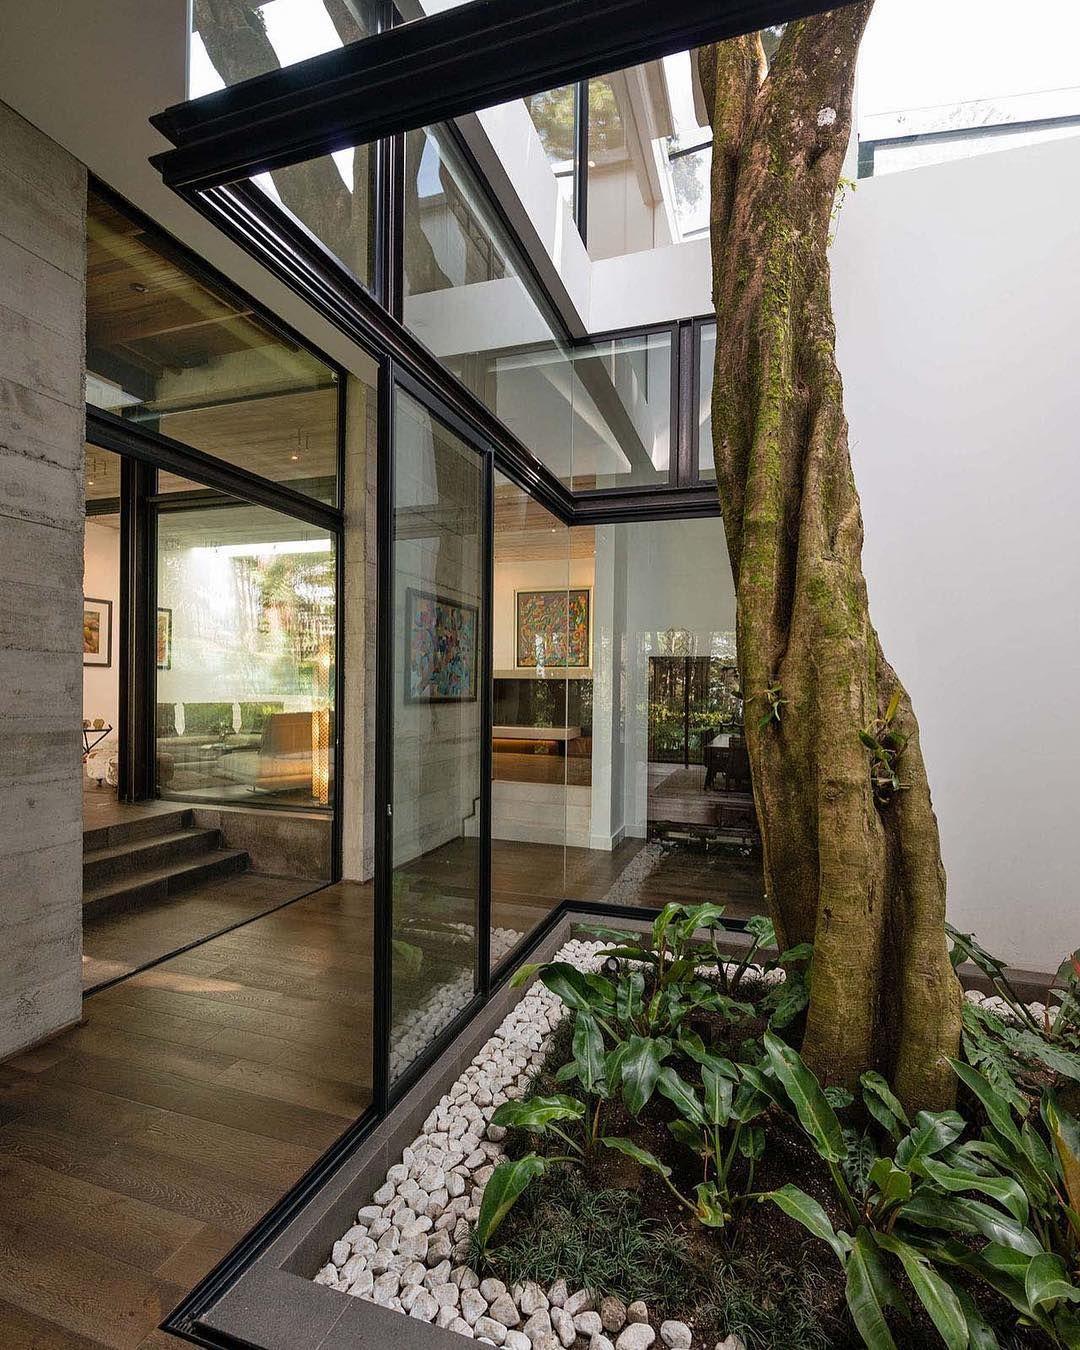 ʀᴇsᴛʟᴇss ᴀʀᴄʜɪᴛᴇᴄᴛᴜʀᴇ tree in middle of house Patio